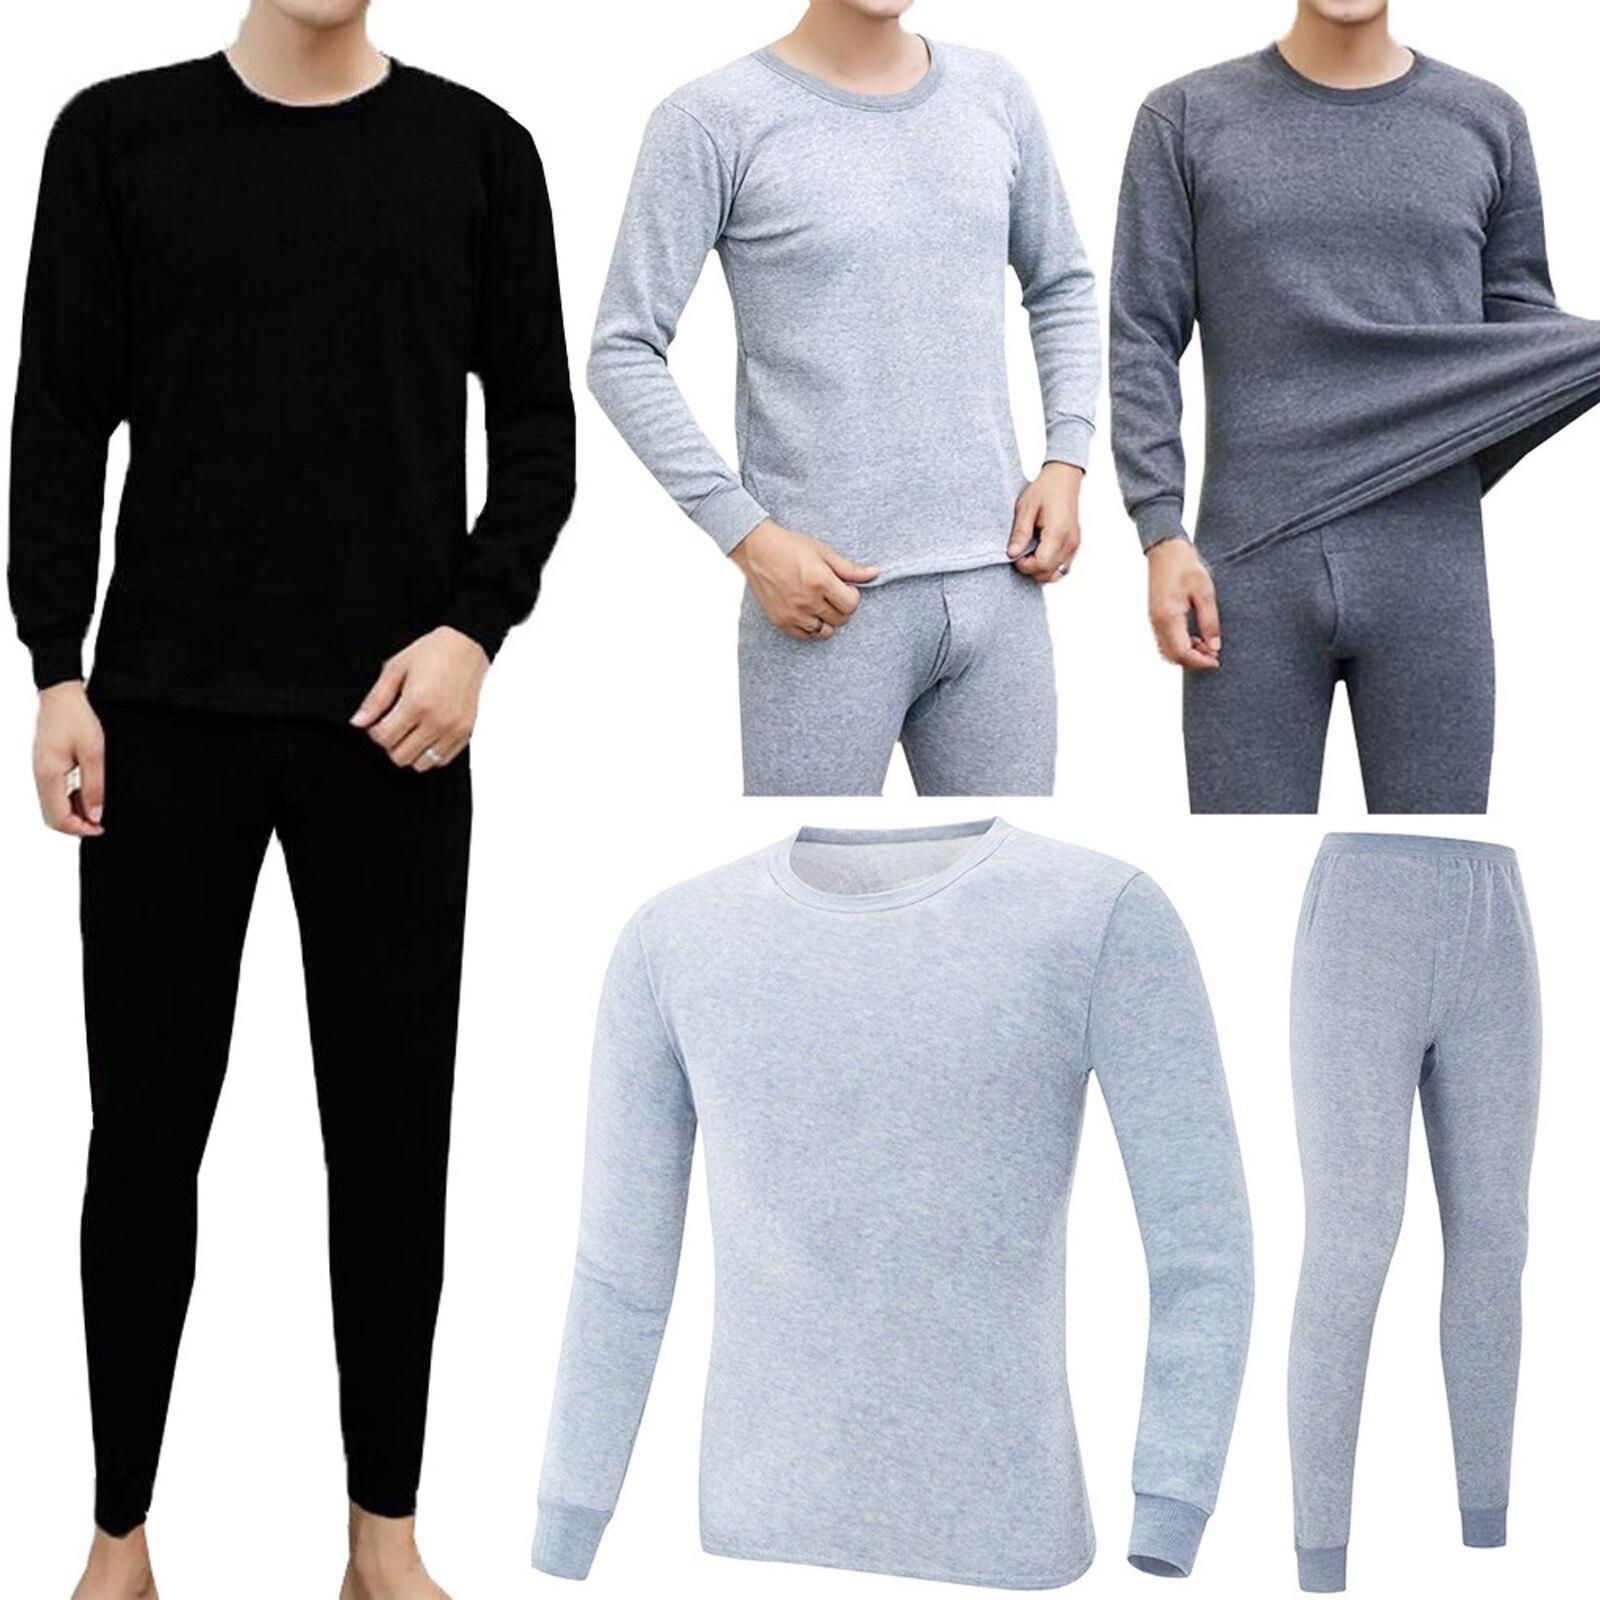 Мужское зимнее термобелье, мужской длинный термокостюм из полиэстера, удобный теплый топ + брюки, комплект термобелья Кальсоны      АлиЭкспресс